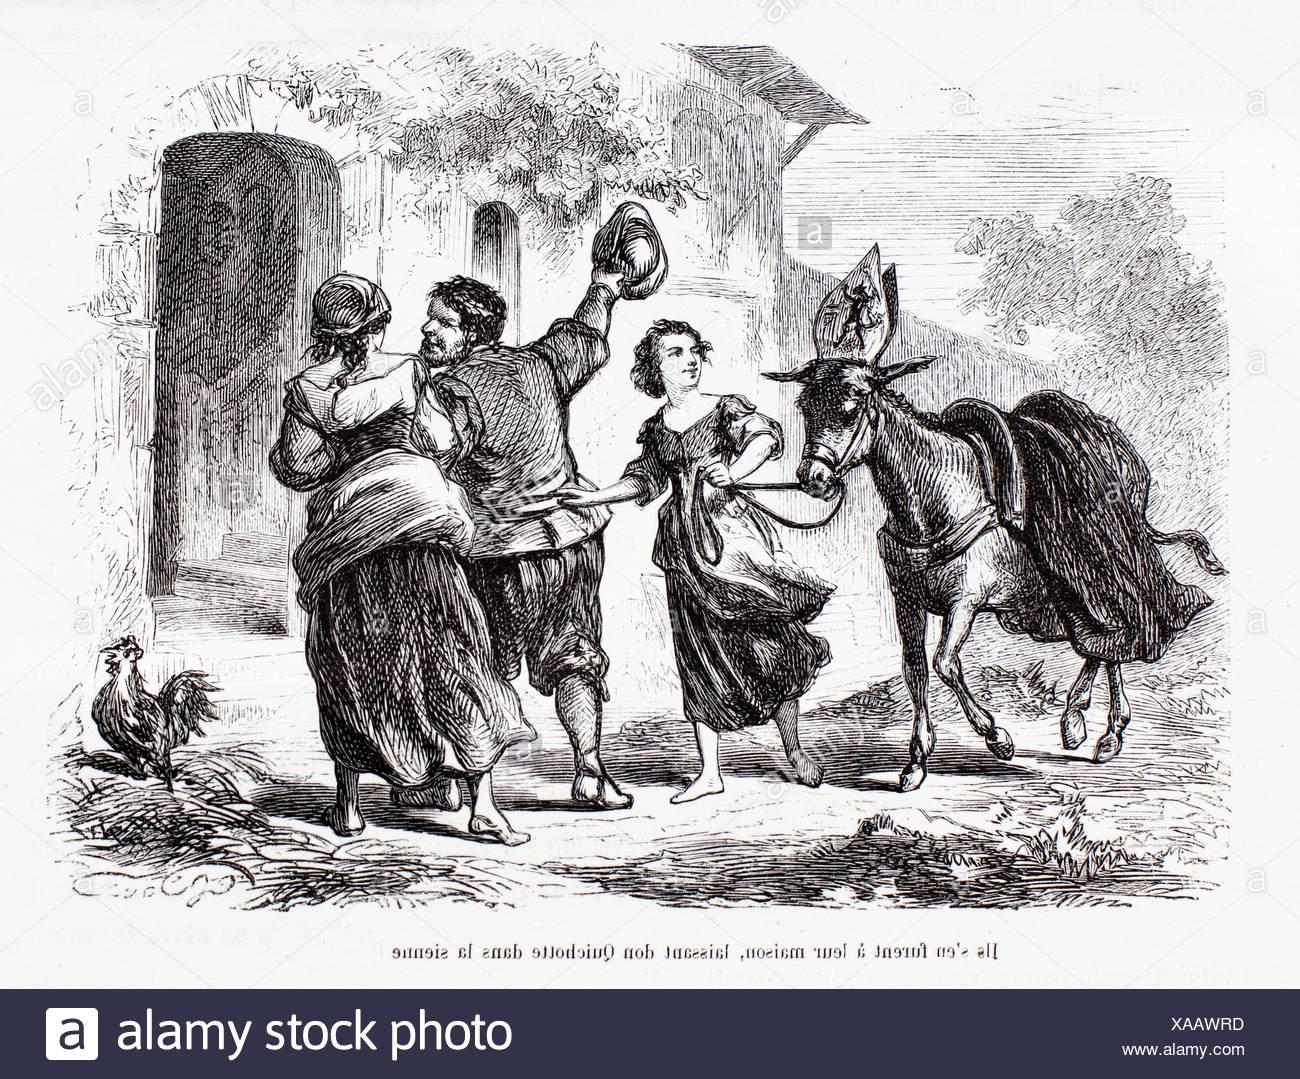 ´Ils s´en furent à leur maison, laissant don Quichotte dans la sienne´, The Ingenious Gentleman Don Quixote of La Mancha by - Stock Image